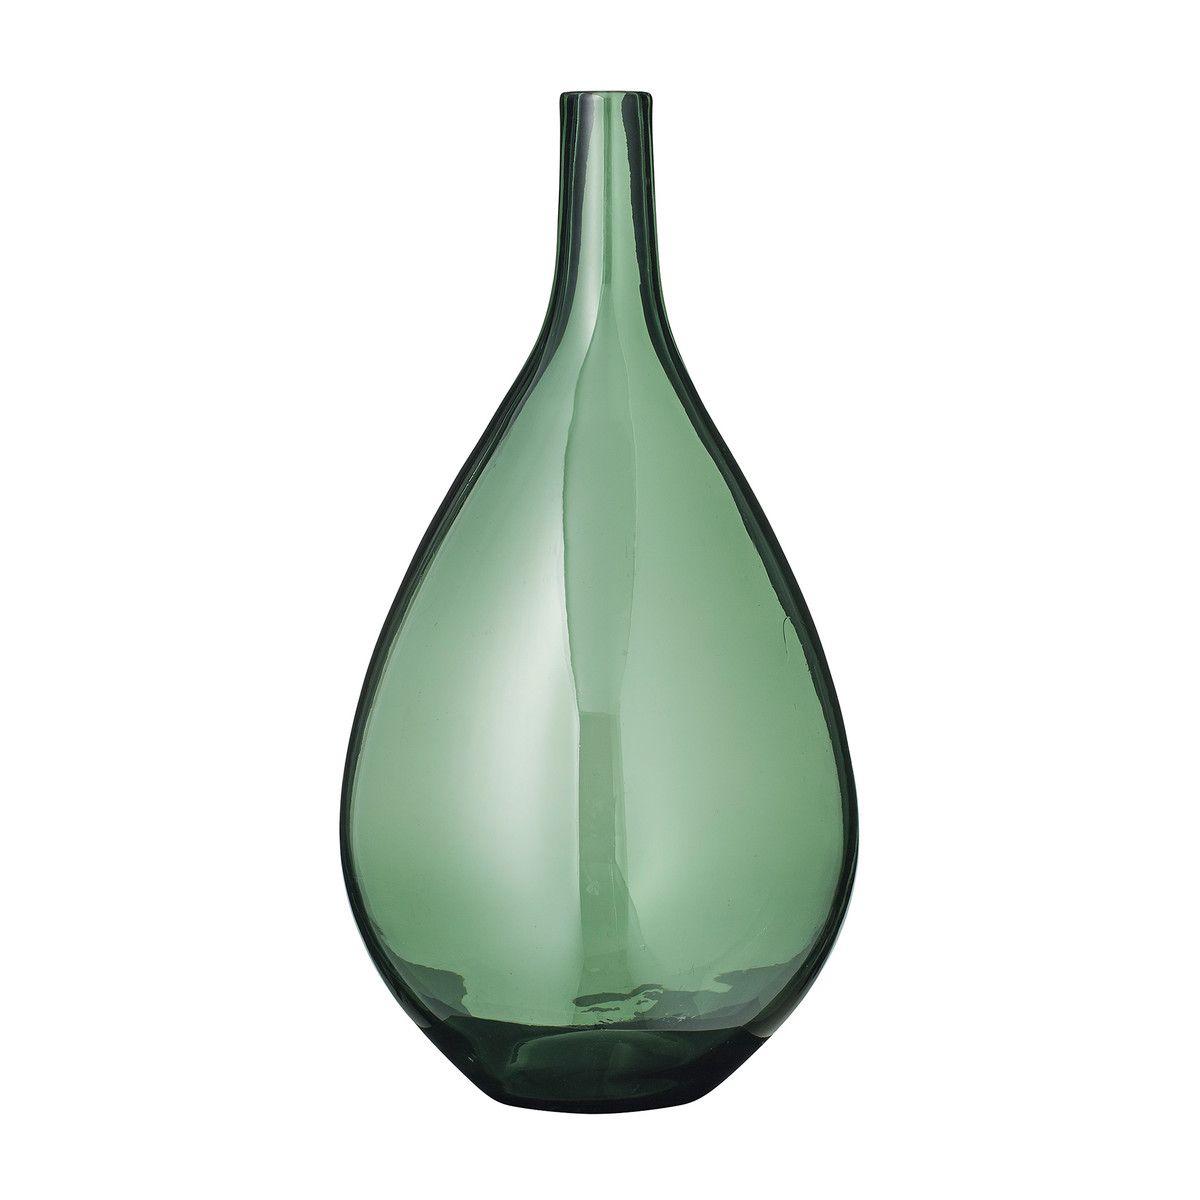 Die Bauchige Glas Vase Von Bloomingville In Grün Project Tidying